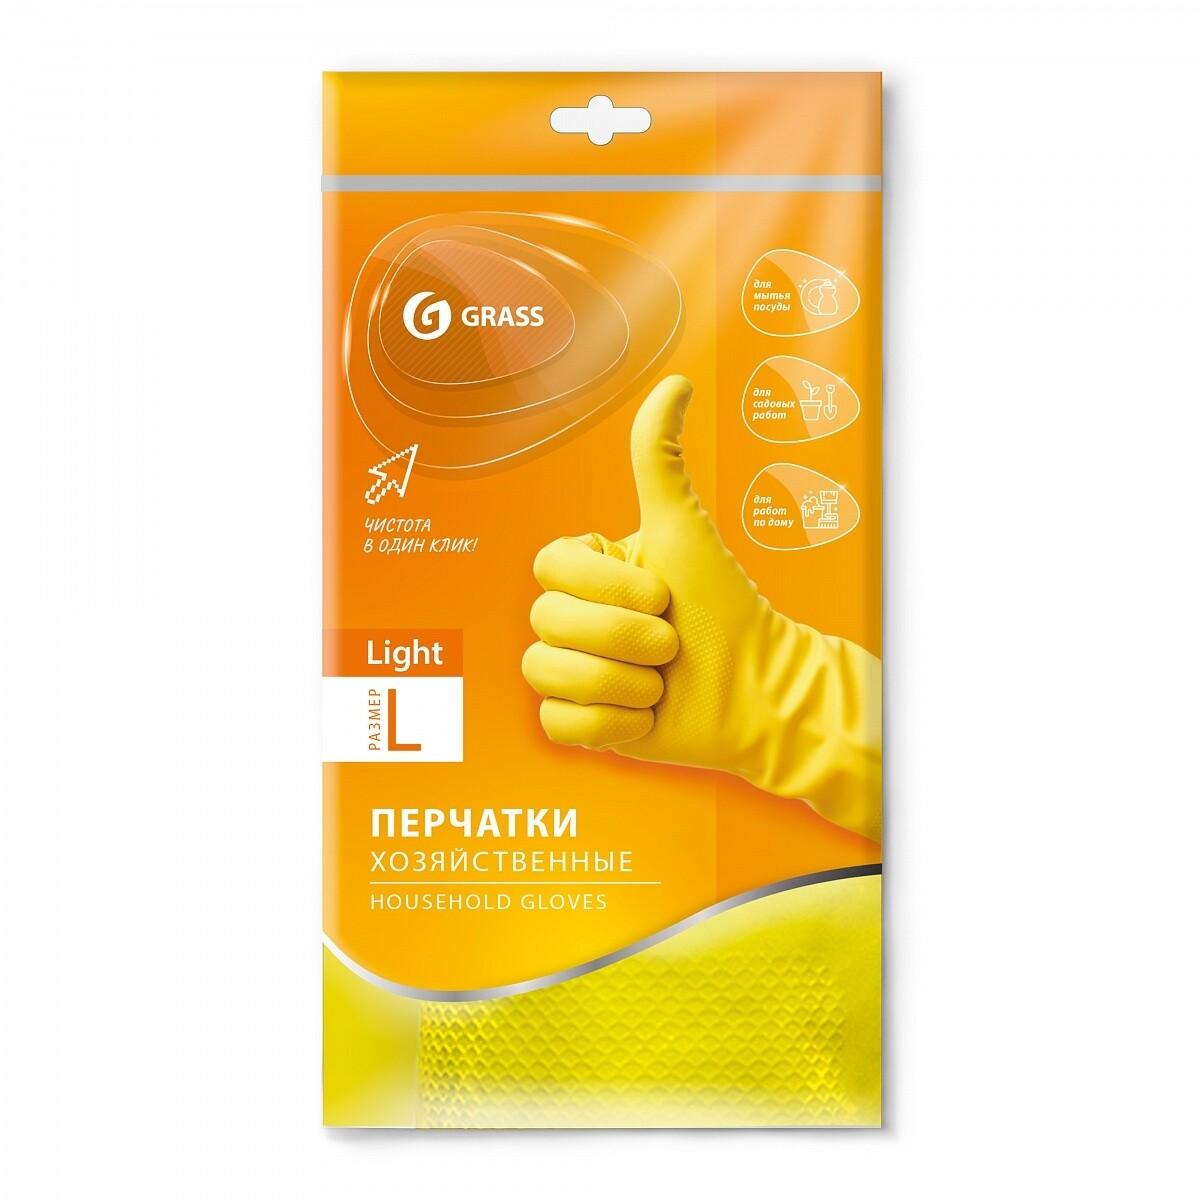 Перчатки хозяйственные латексные в индивидуальной упаковке, желтые light, размер L (пара)